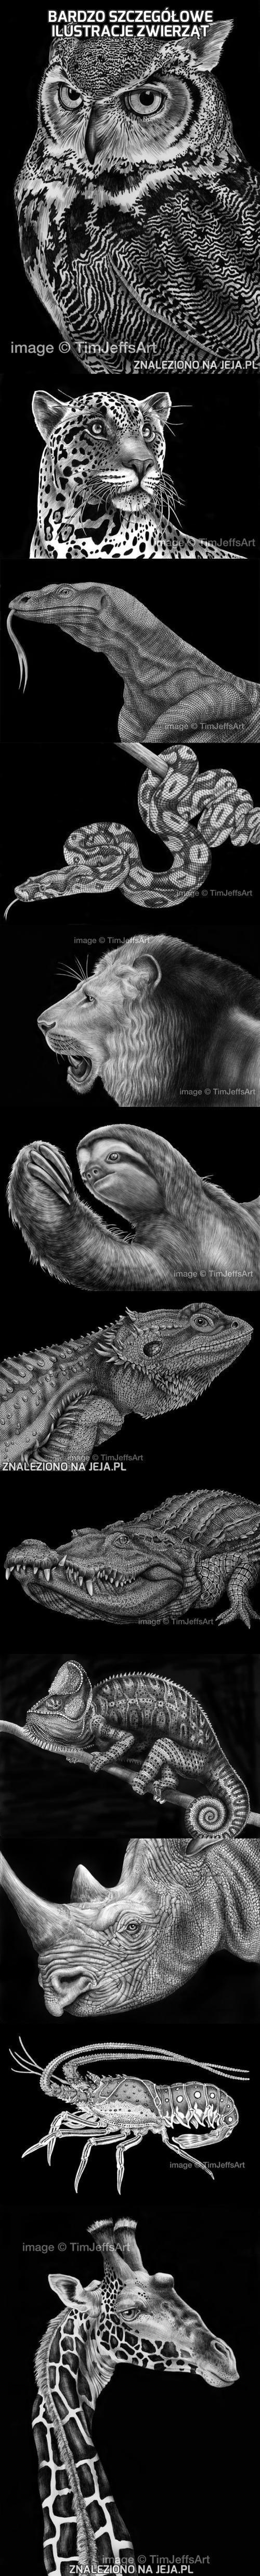 Bardzo szczegółowe ilustracje zwierząt